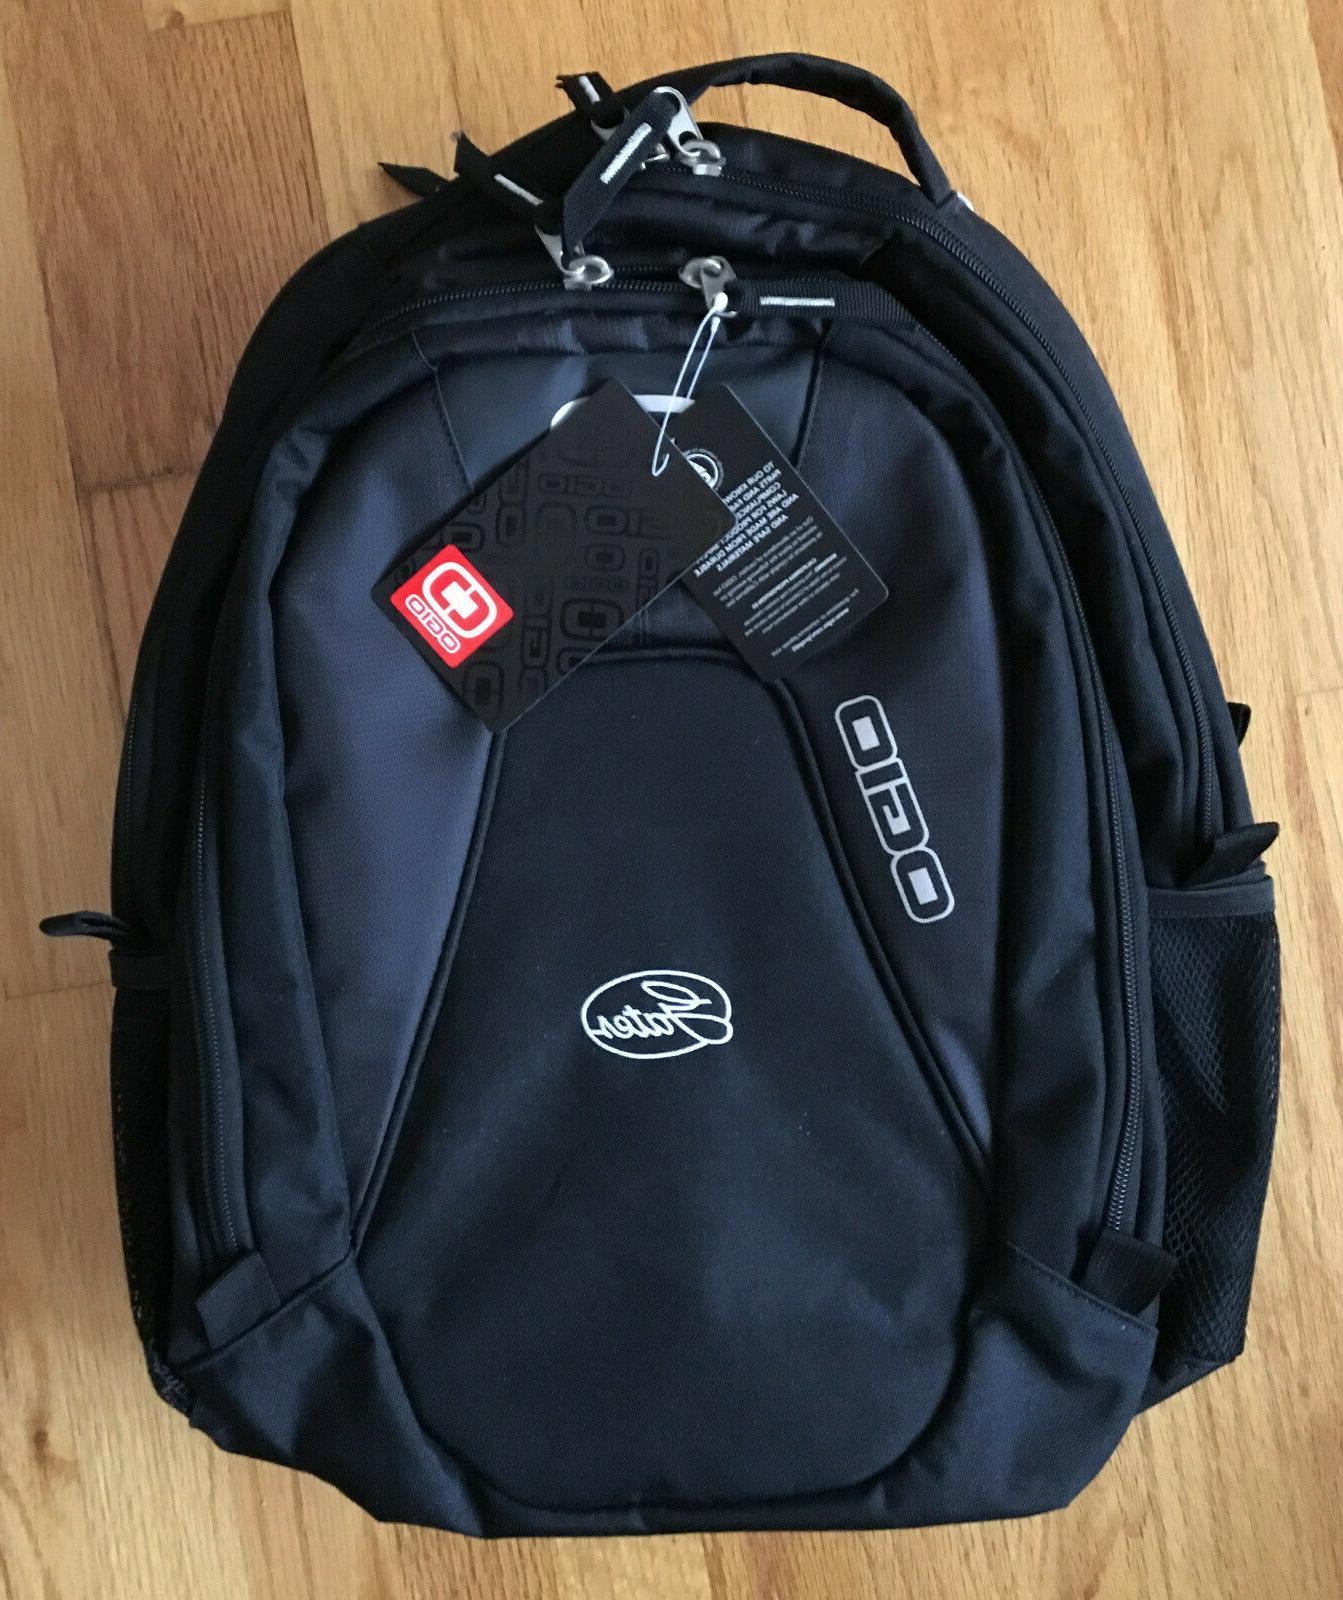 OGIO Backpack Computer - Black